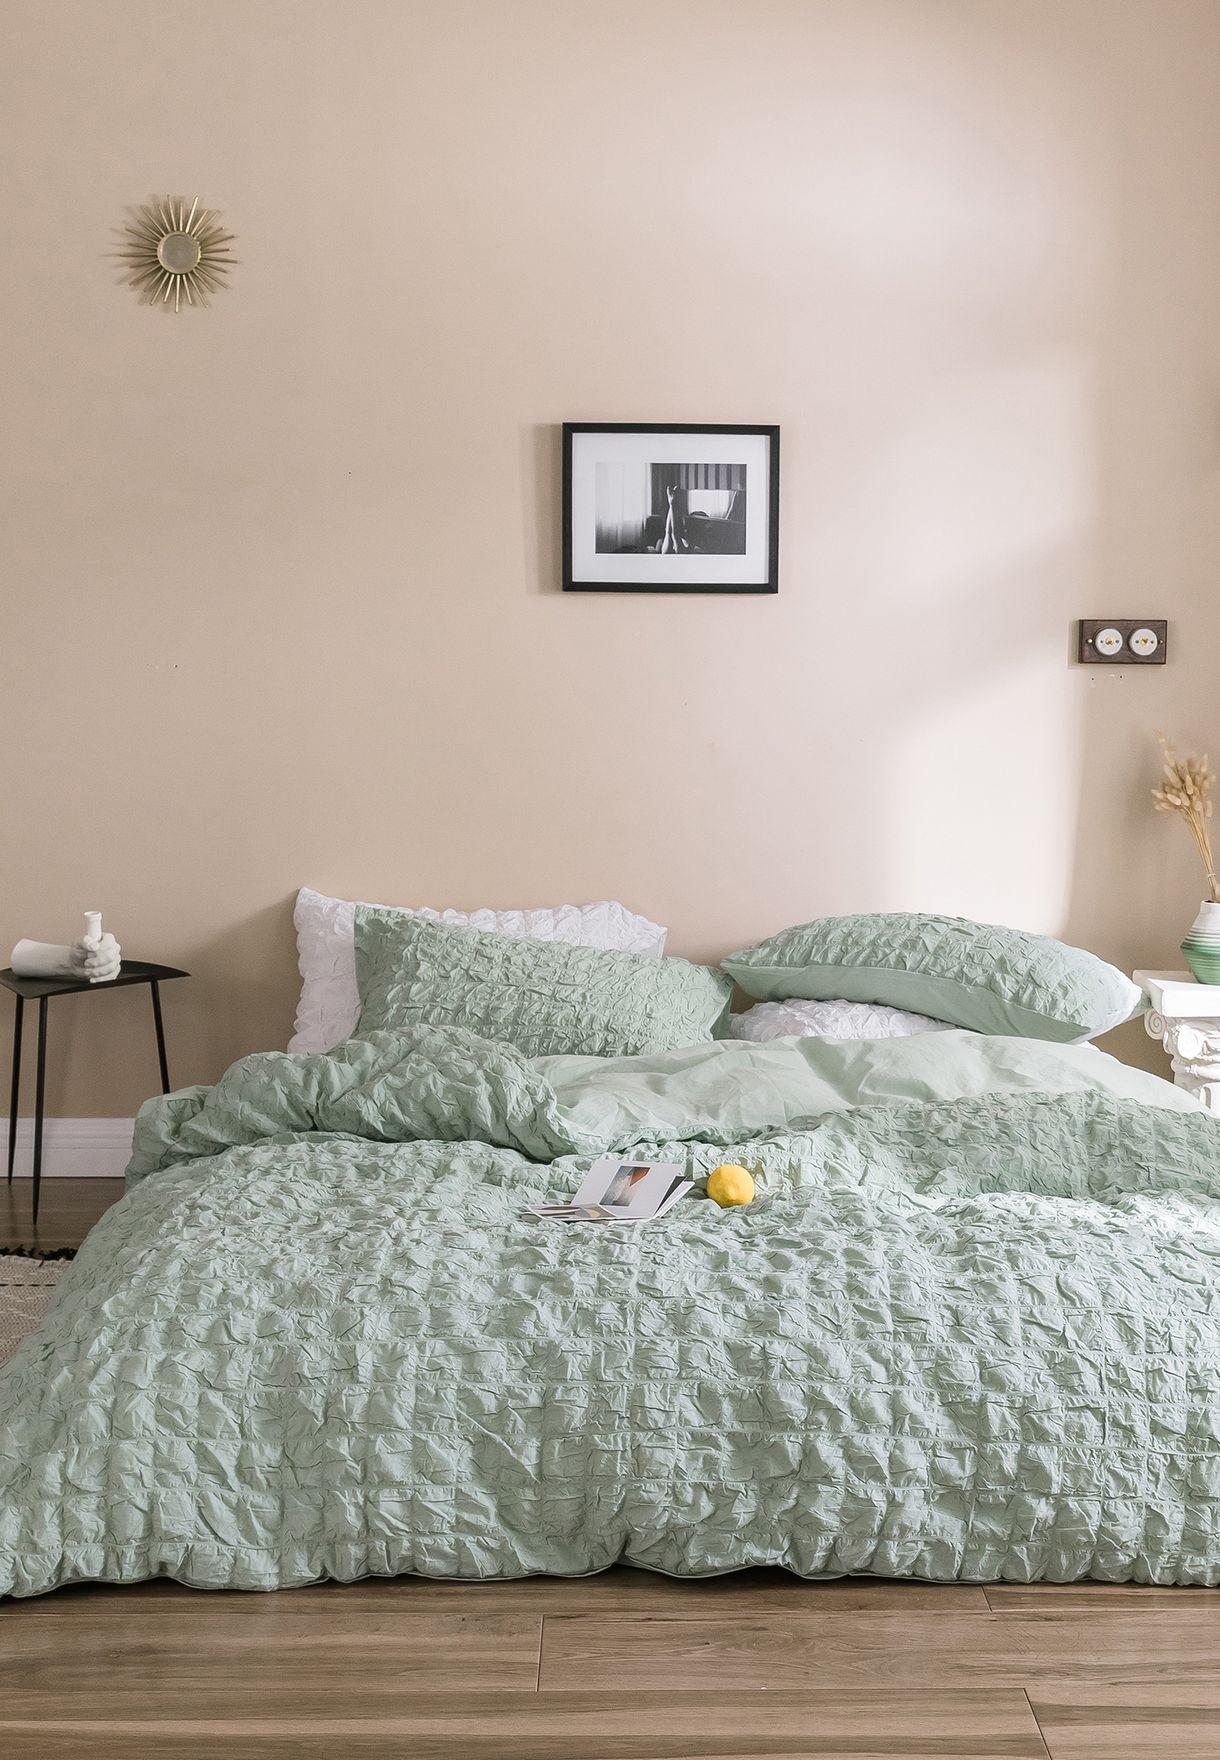 طقم شراشف سرير 200 × 230 سم